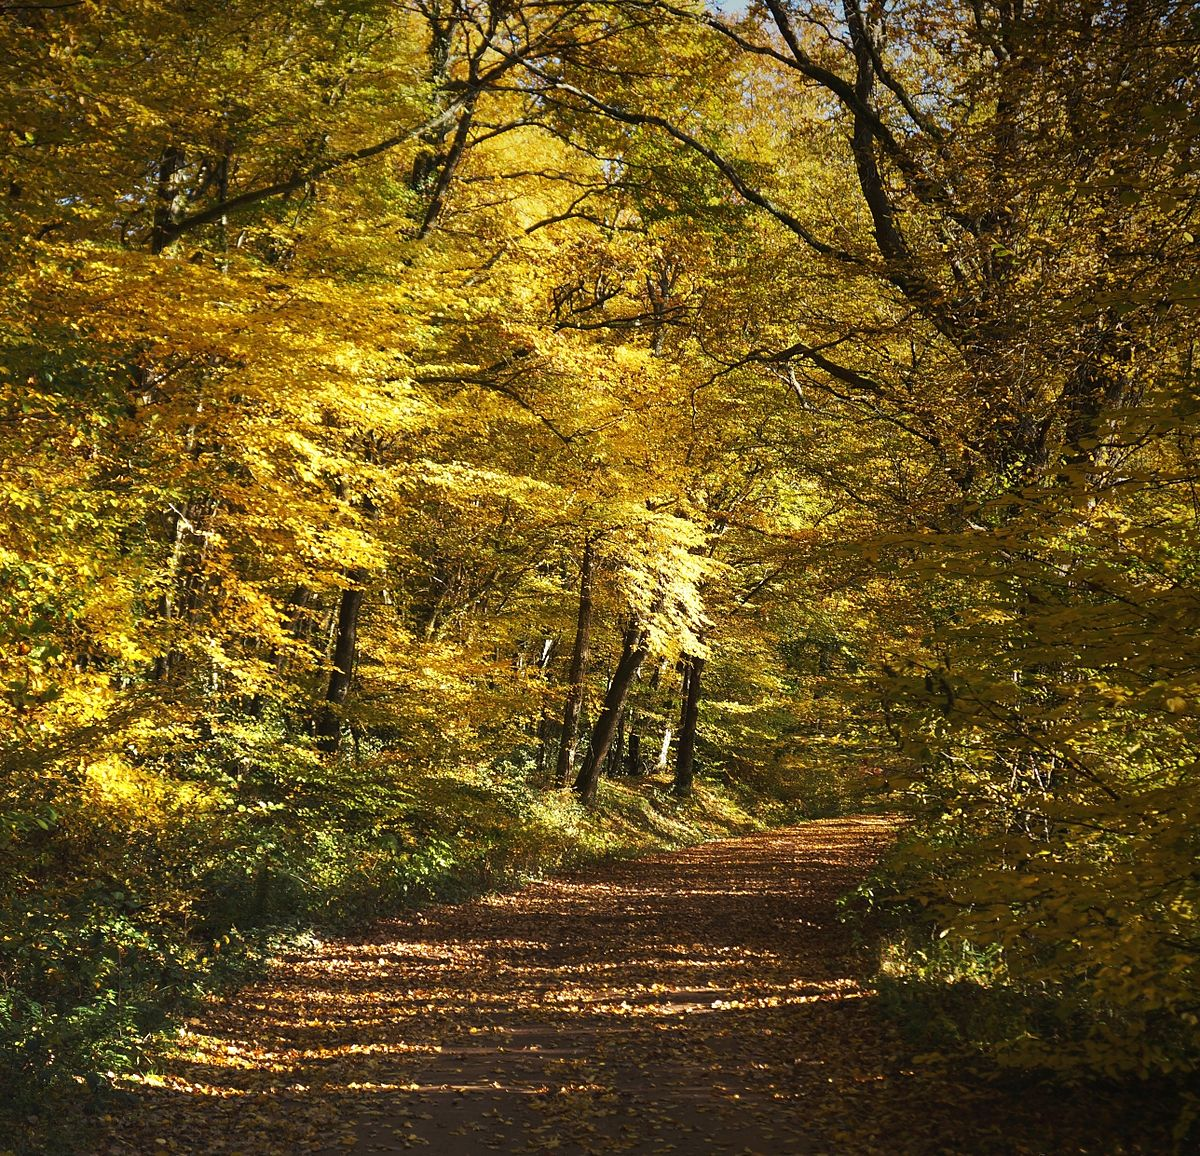 Ͽ���������� Ͽ������������ Ͽ���������� Ͽ���������� Ͽ�� Ͽ���������� Ͽ������������: Forêt De Tronçais